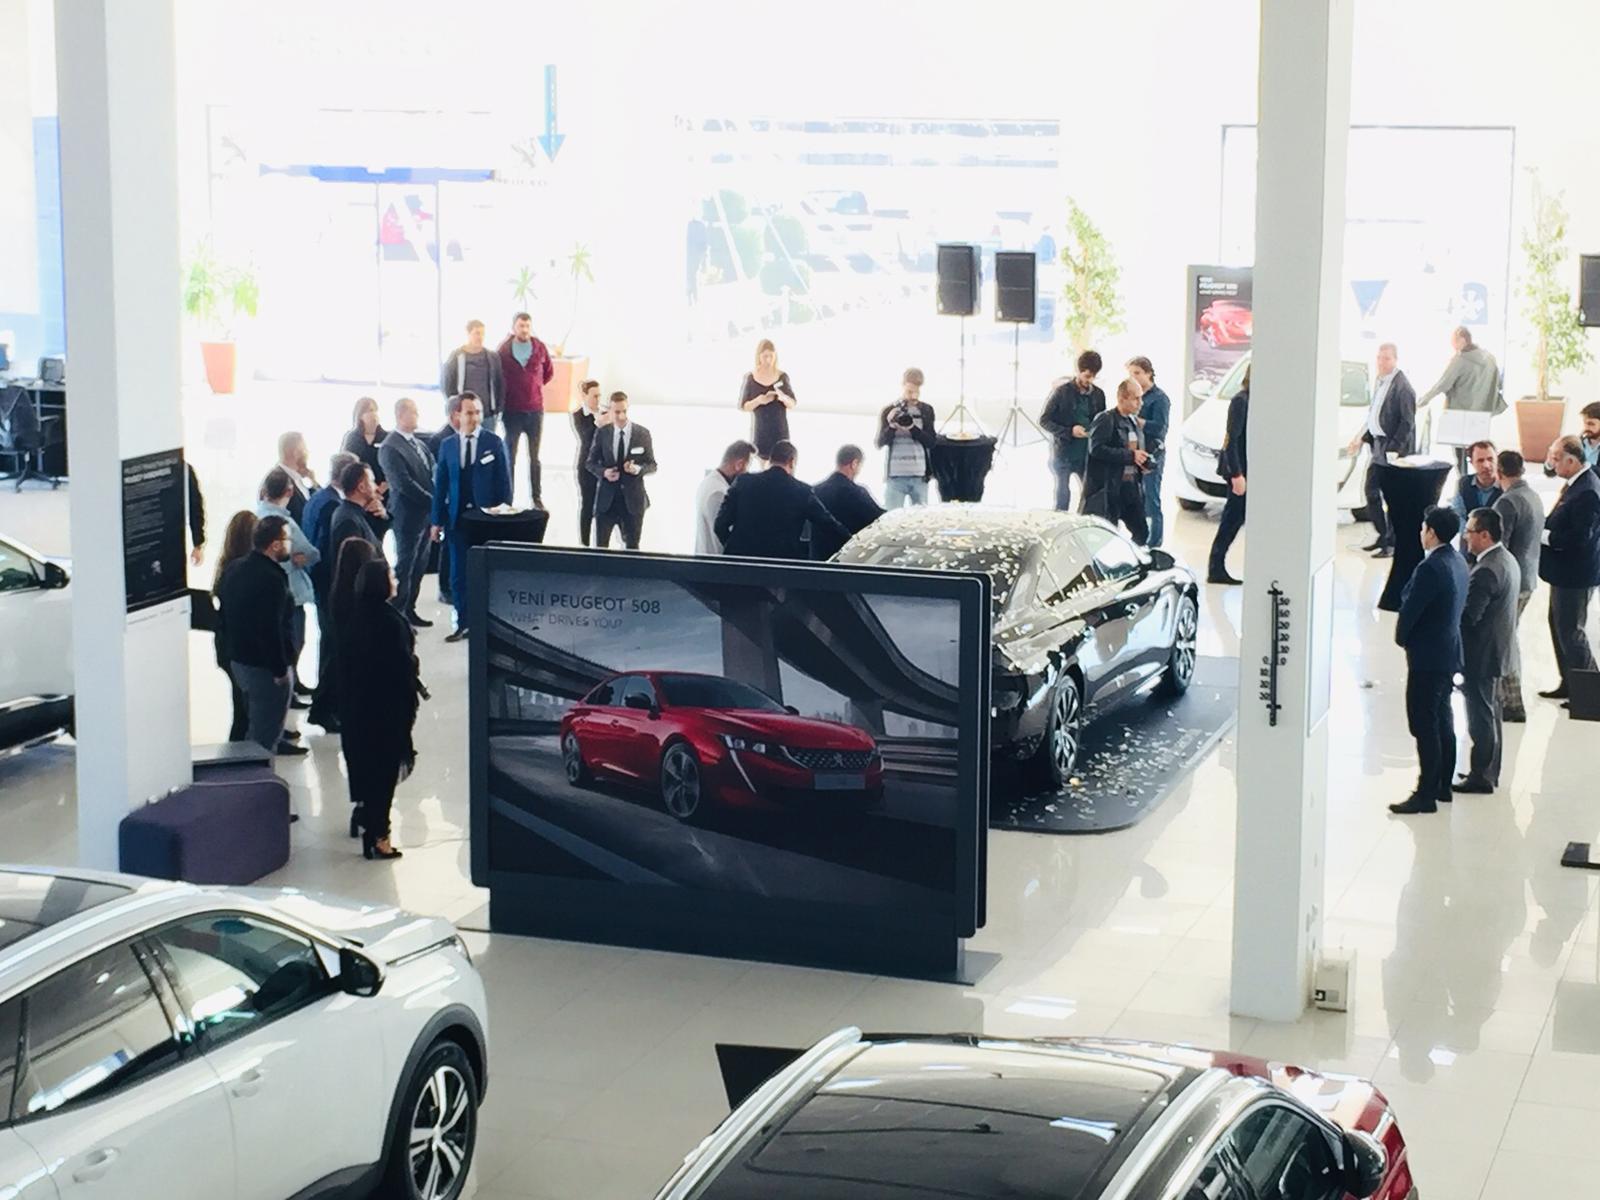 Yeni Peugeot 508 Tanıtımı Yapıldı